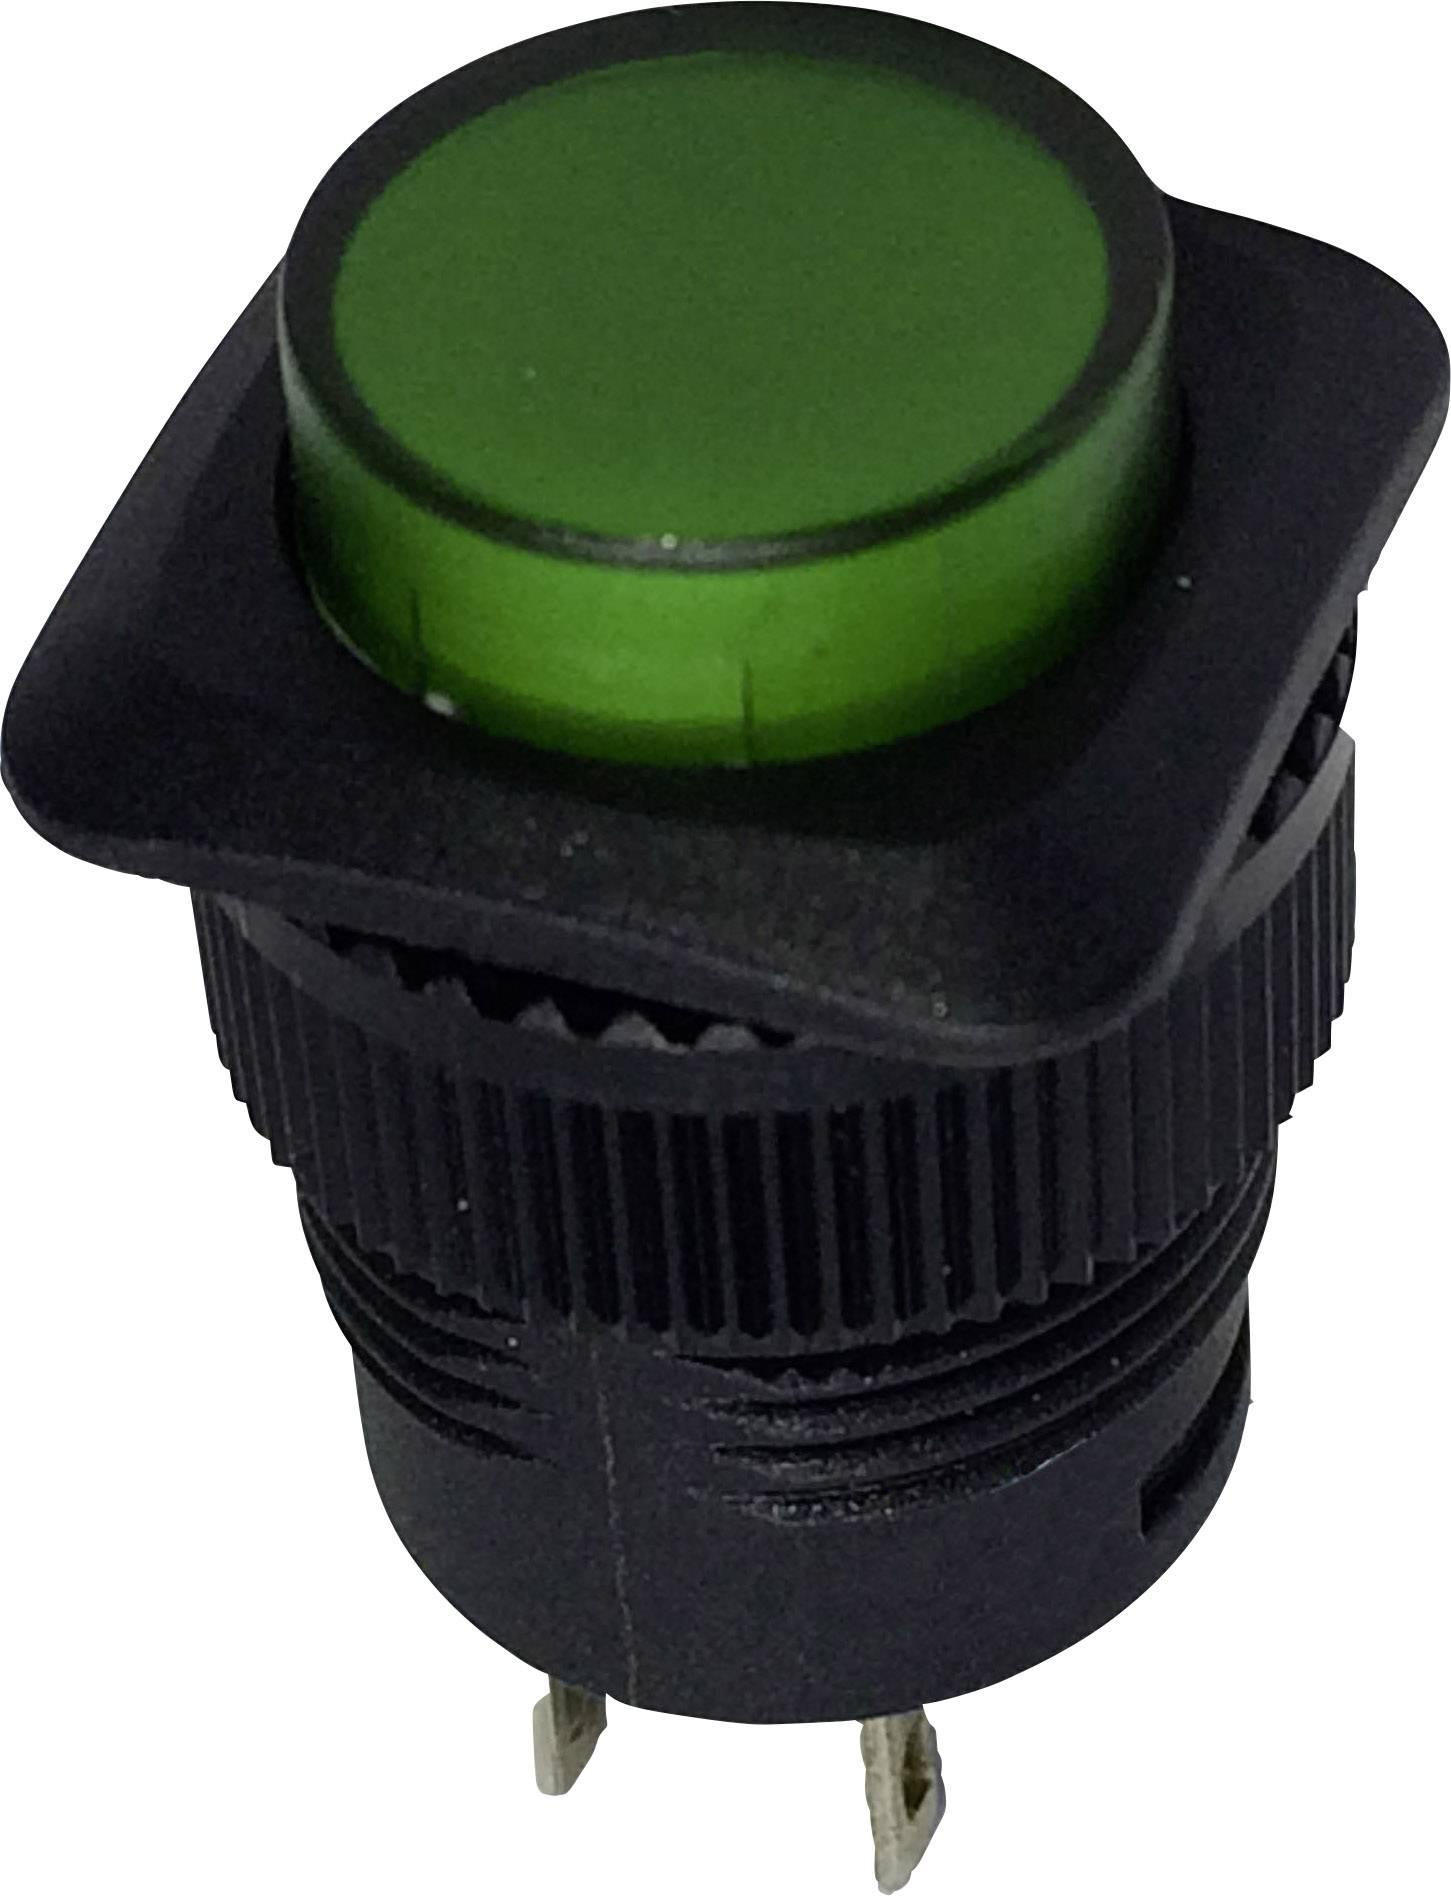 Stláčacie tlačidlo SCI R13-508A-05GN, 250 V/AC, 1.5 A, 1 ks